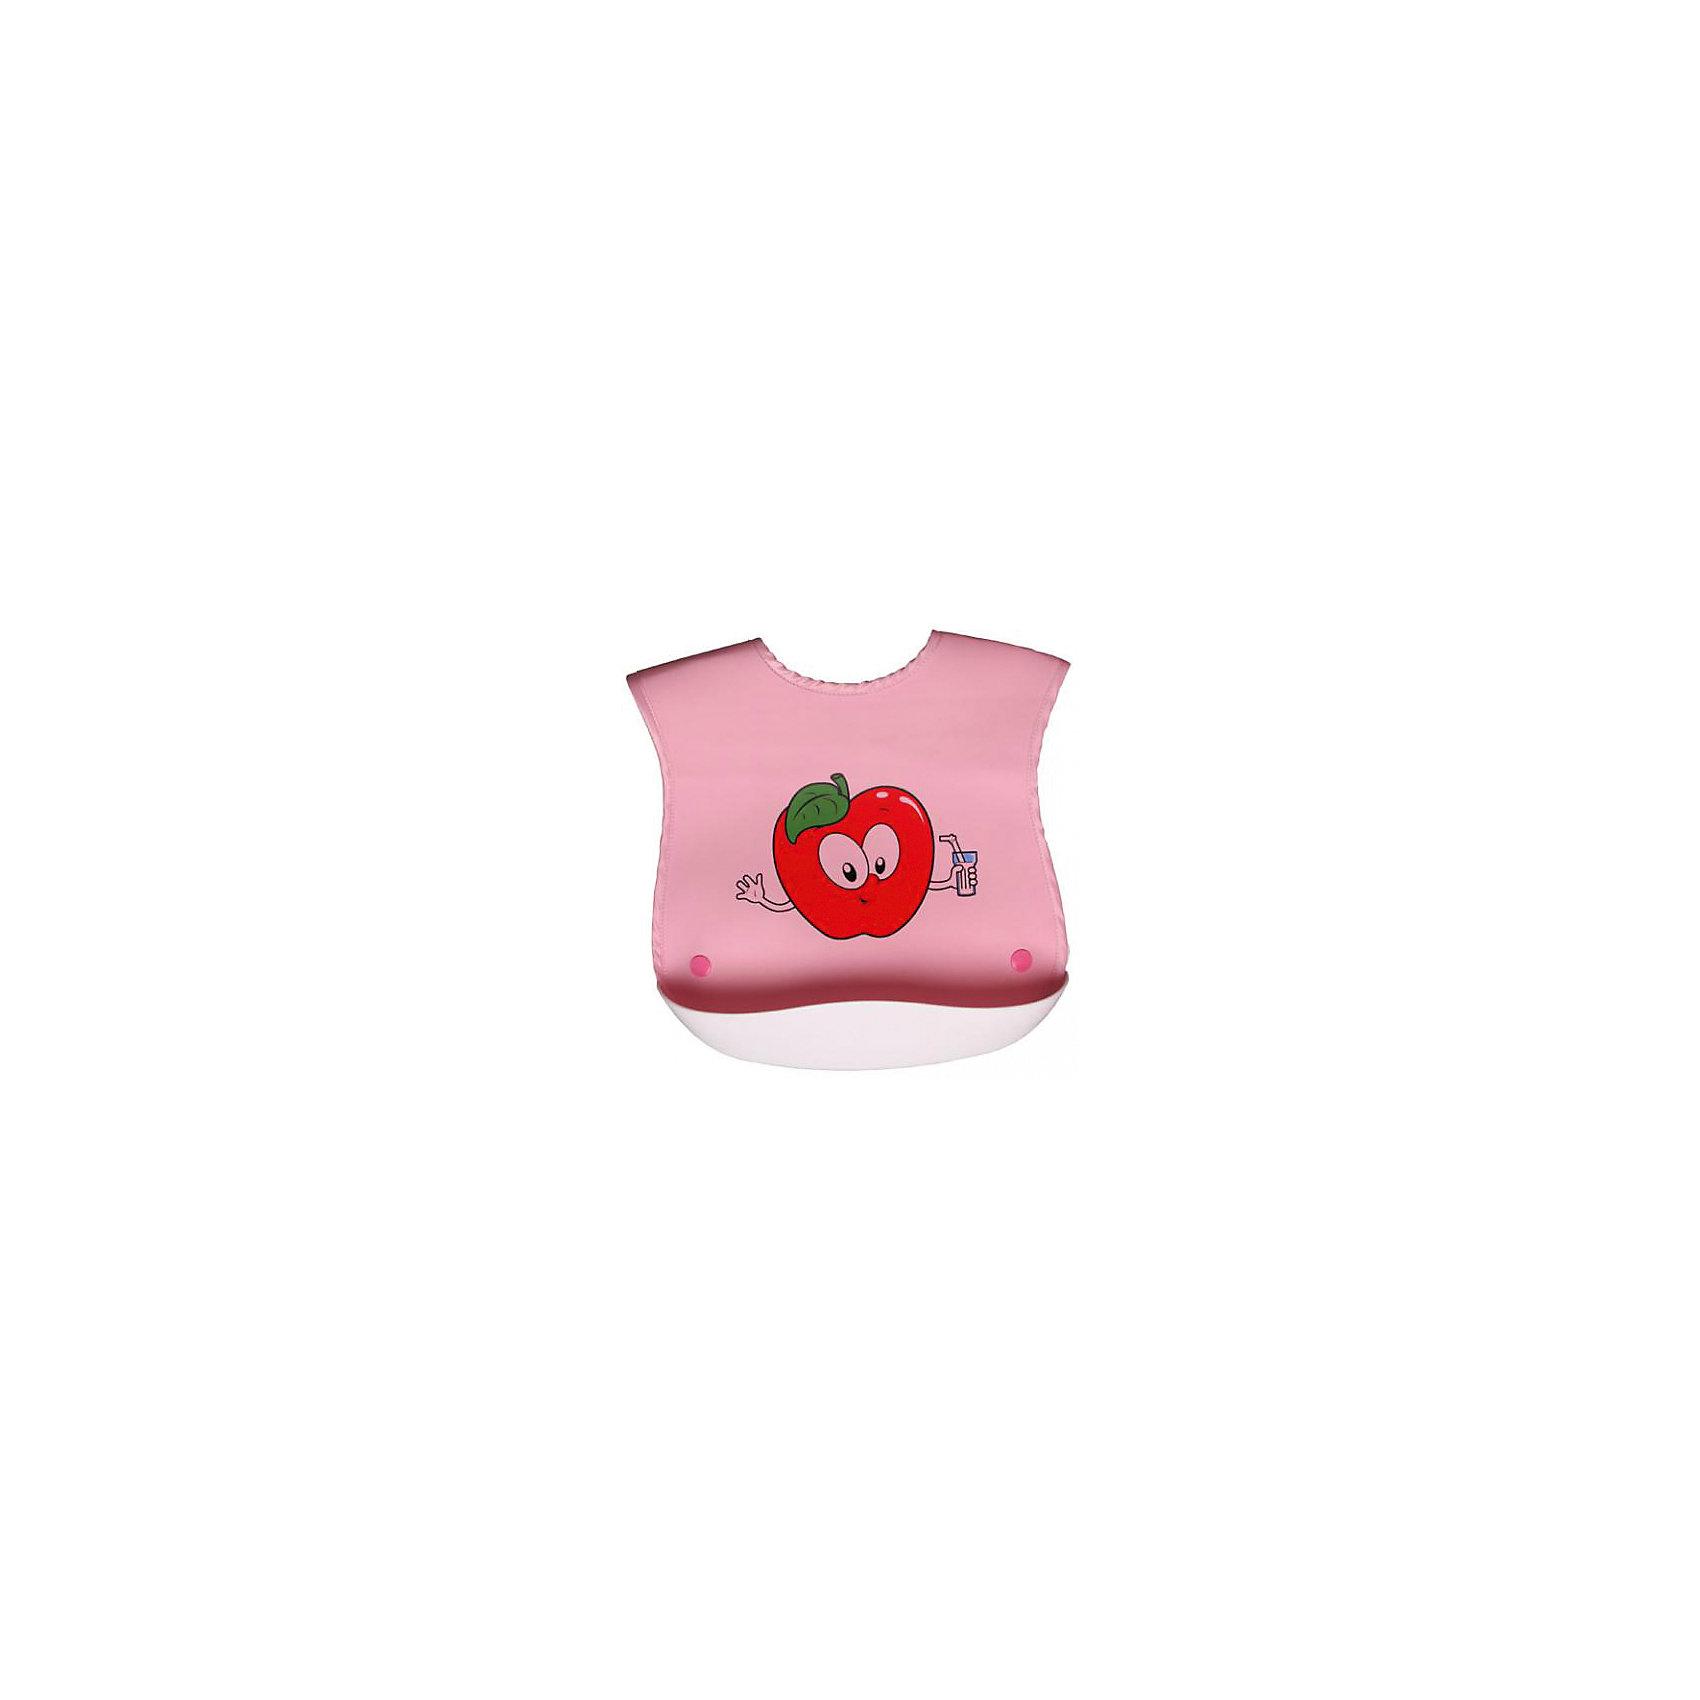 Нагрудник с кармашком прорезиненный Sevi baby, розовыйНагрудник с кармашком прорезиненный Sevi baby, розовый – яркий нагрудник сохранит одежду малыша чистой во время еды.<br>Нагрудник с кармашком Sevi baby обеспечит малышу чистоту и комфорт и освободит маму от лишних хлопот. Нагрудник сделан из мягкого пластика, с карманом, в который собирается упавшая пища. Очень мягкий, с застежкой-липучкой.<br><br>Дополнительная информация:<br><br>- Материал: пластик<br>- Цвет: розовый<br>- Размер упаковки: 36 х 24 х 5 см.<br>- ВНИМАНИЕ! Данный товар представлен в ассортименте. К сожалению, предварительный выбор невозможен. При заказе нескольких единиц данного товара, возможно получение одинаковых<br><br>Нагрудник с кармашком прорезиненный Sevi baby, розовый можно купить в нашем интернет-магазине.<br><br>Ширина мм: 360<br>Глубина мм: 240<br>Высота мм: 50<br>Вес г: 50<br>Цвет: розовый<br>Возраст от месяцев: 6<br>Возраст до месяцев: 24<br>Пол: Женский<br>Возраст: Детский<br>SKU: 4236873